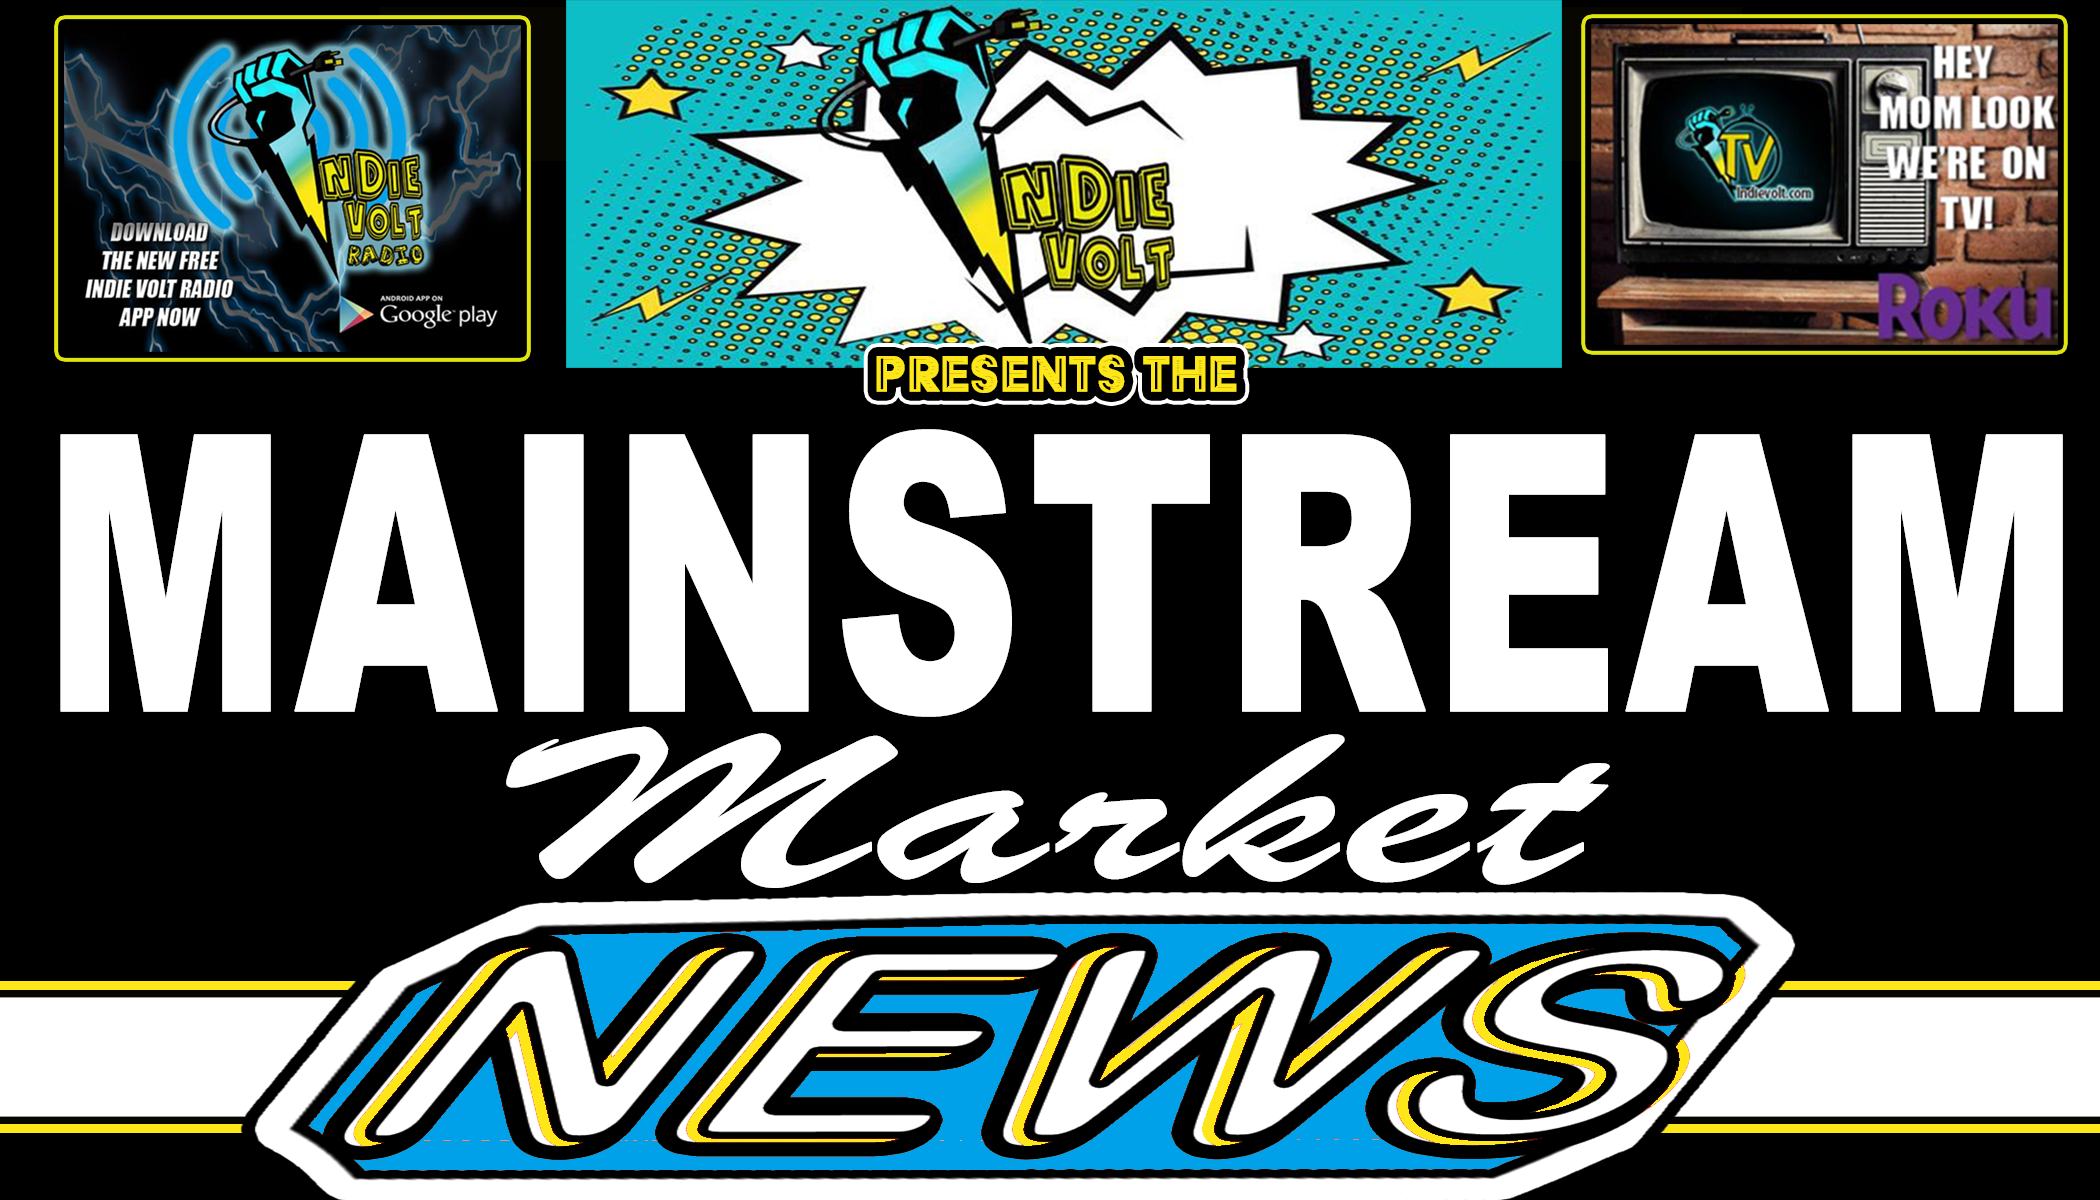 Geek insider, geekinsider, geekinsider. Com,, the week of oct 17-23 in comic industry headlines, news